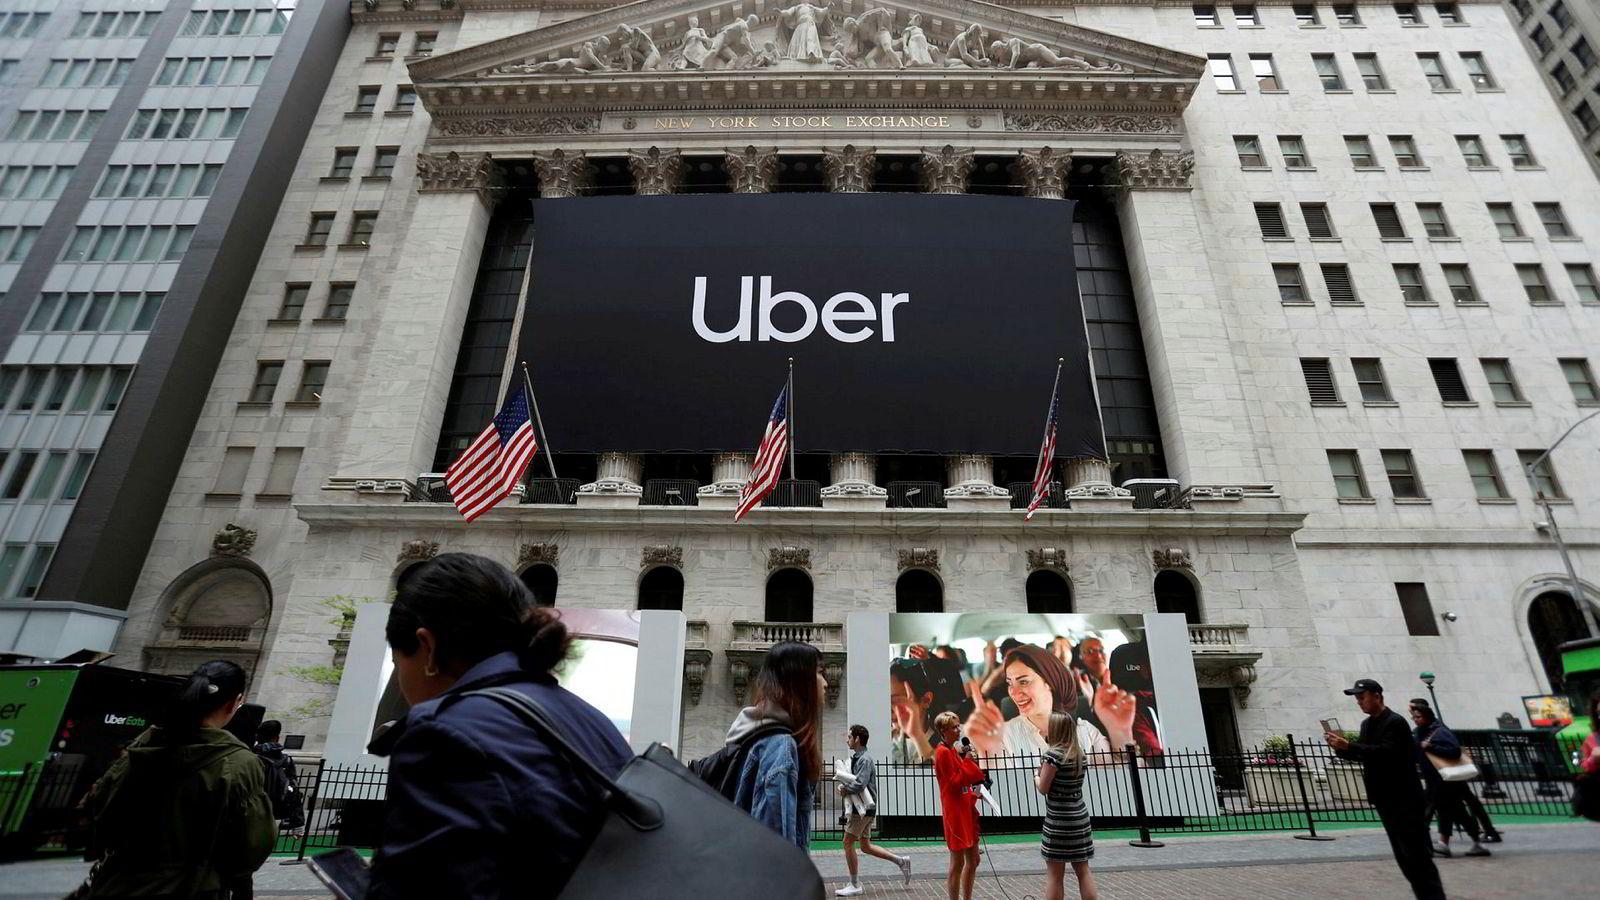 Et Uber-banner ble hengt opp i forbindelse med børsnoteringen av selskapet tidligere i år.